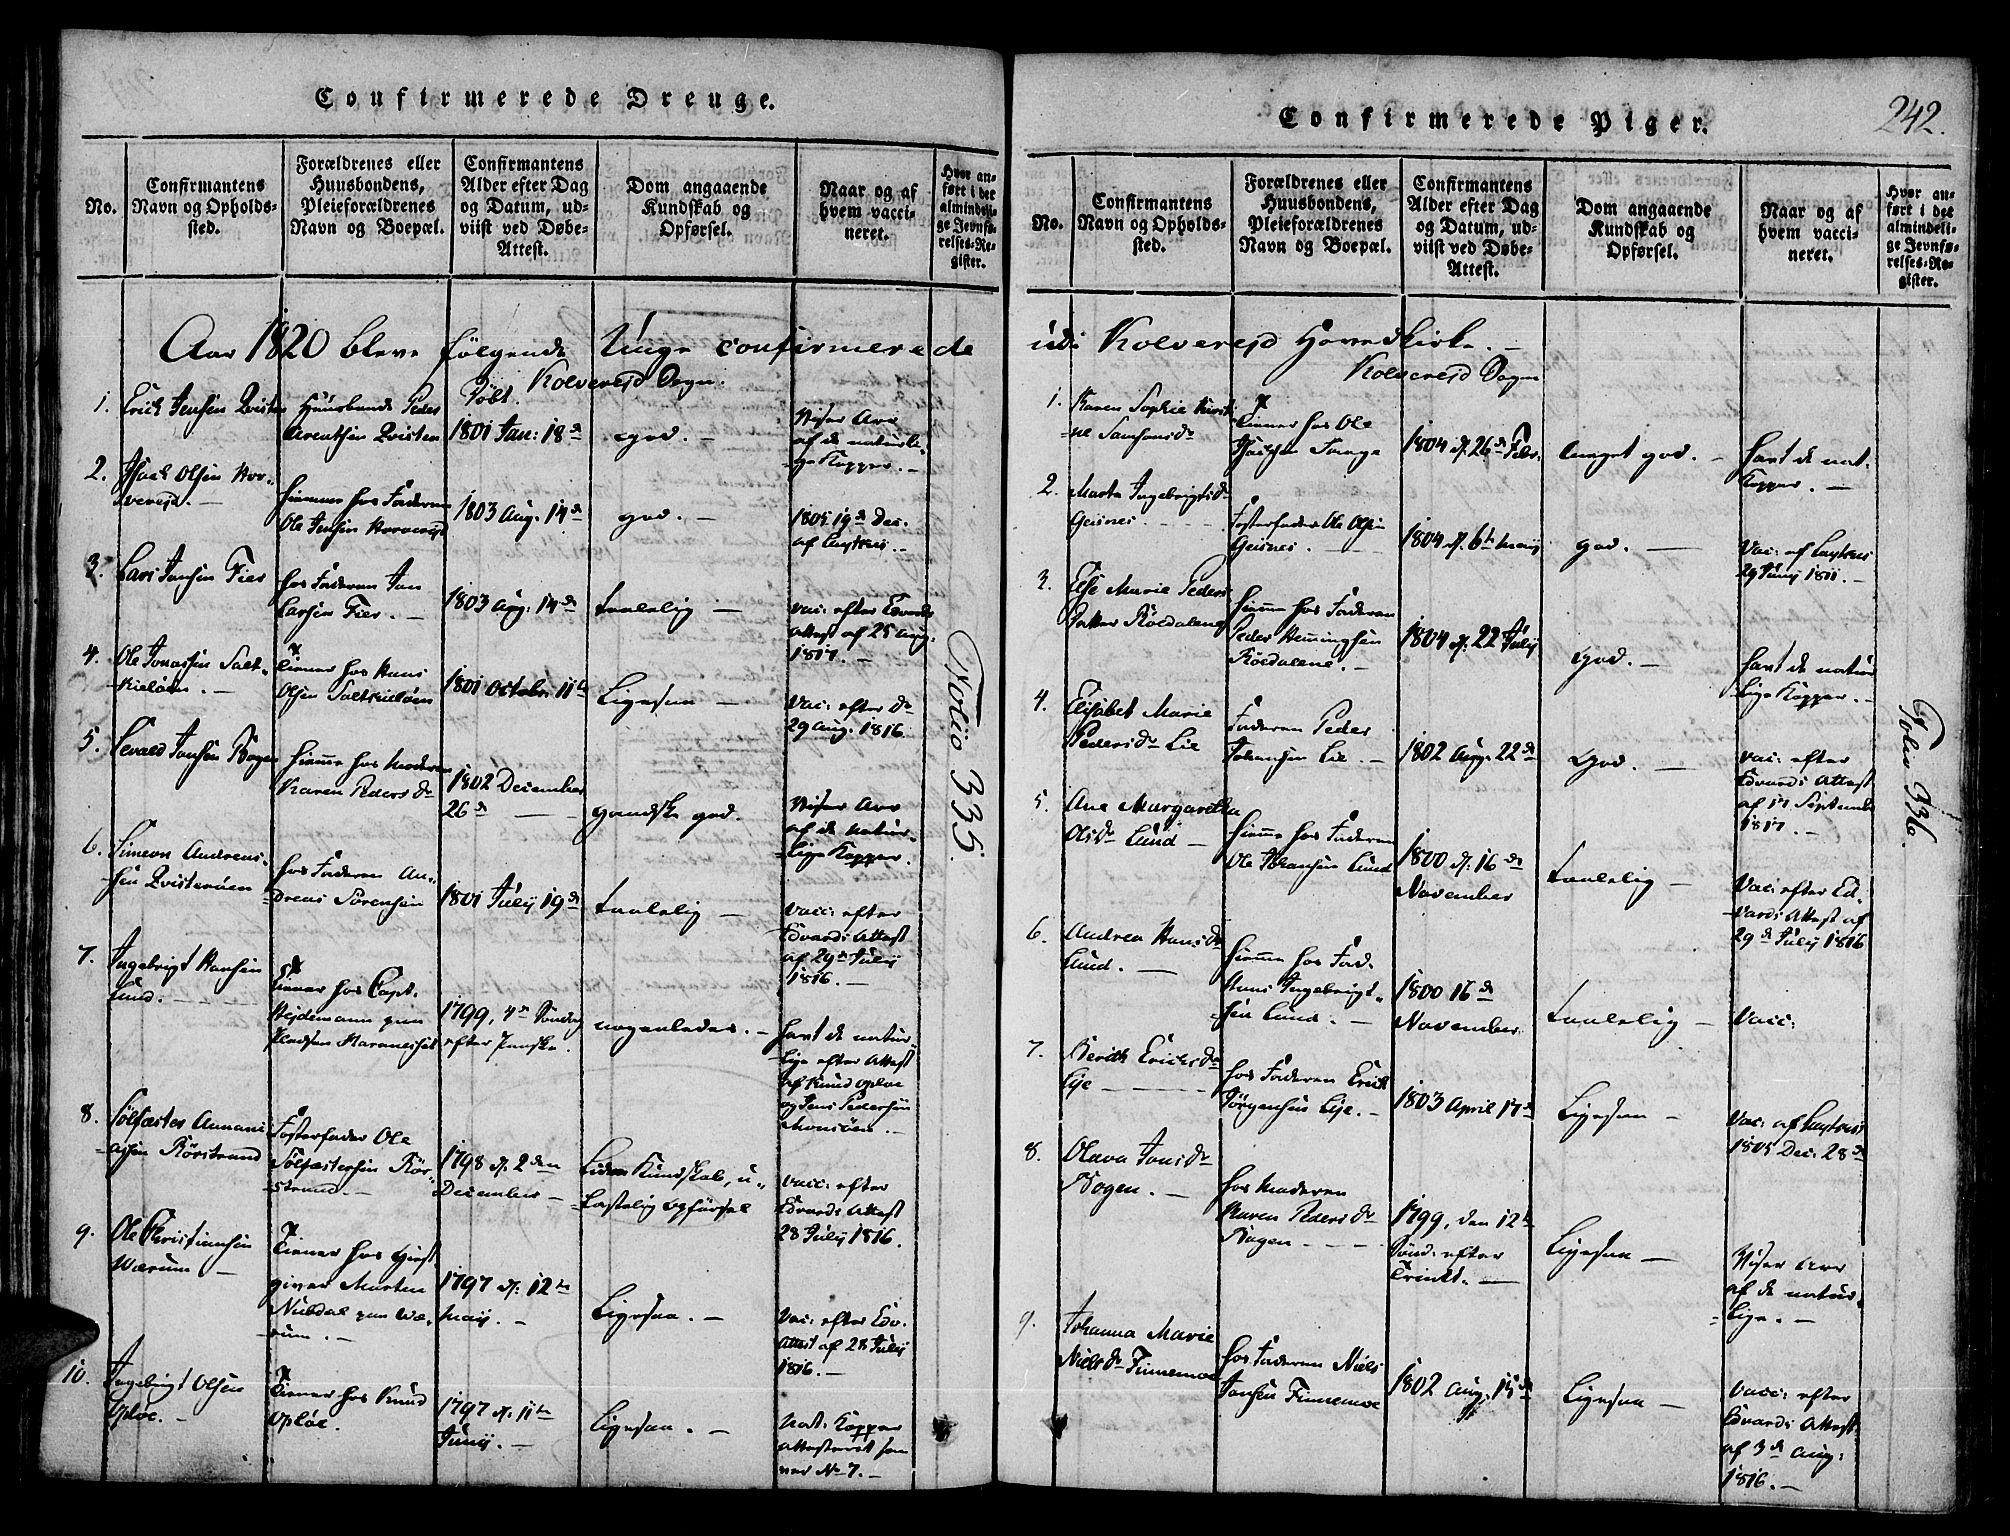 SAT, Ministerialprotokoller, klokkerbøker og fødselsregistre - Nord-Trøndelag, 780/L0636: Ministerialbok nr. 780A03 /1, 1815-1830, s. 242